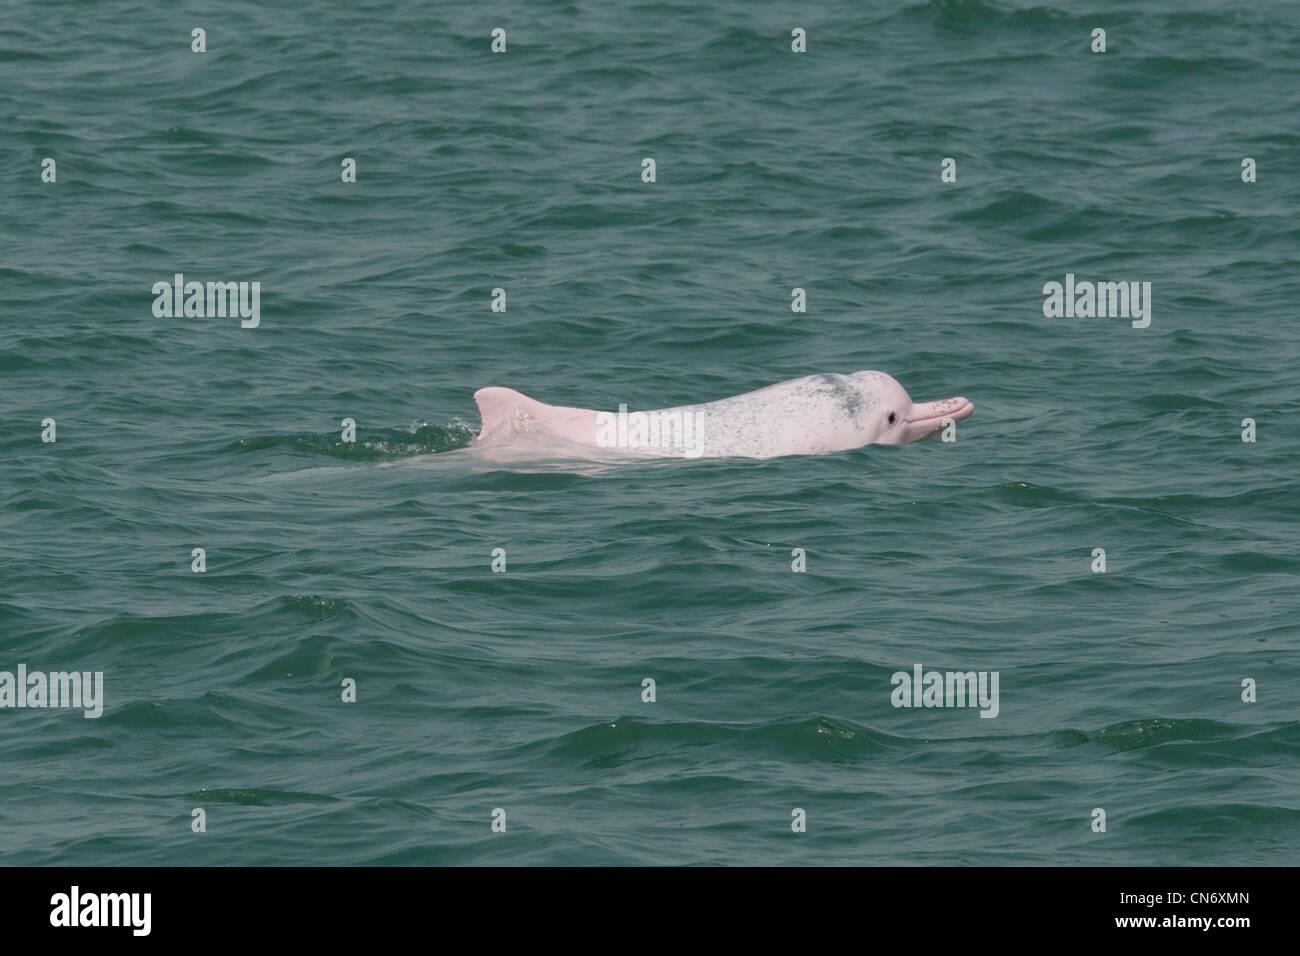 Indo-Pacific Humpback Dolphin (Sousa chinensis), surfacing. Hong Kong, Pearl River Delta. - Stock Image